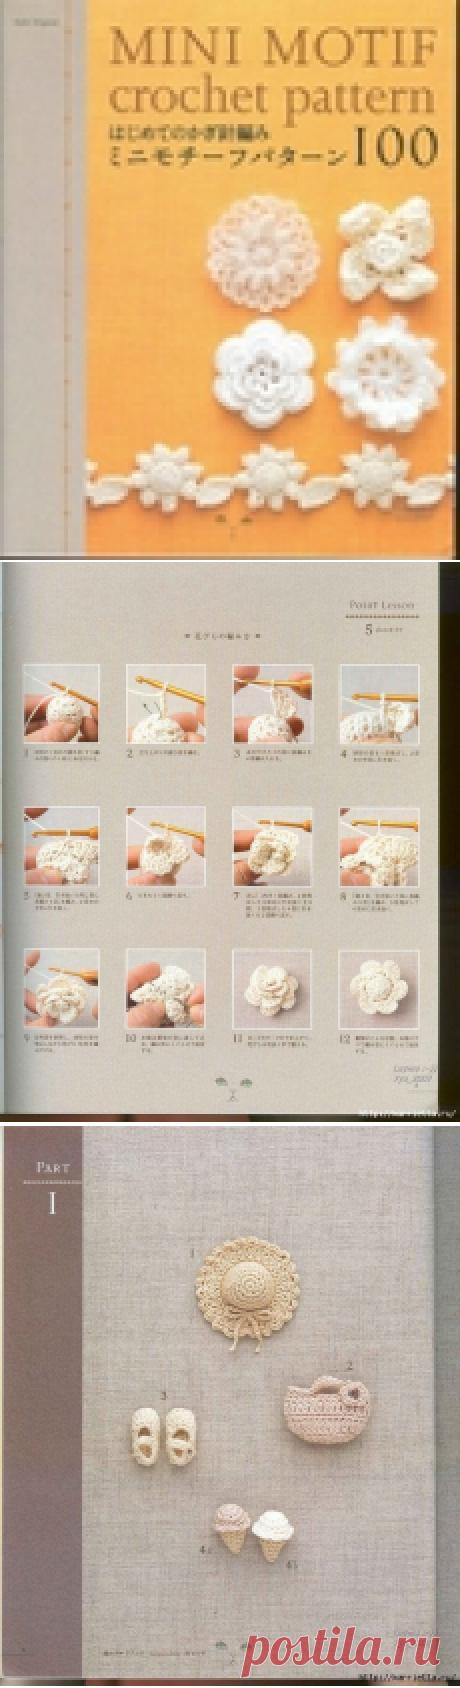 Цветочные мотивы крючком. Японский журнал со схемами